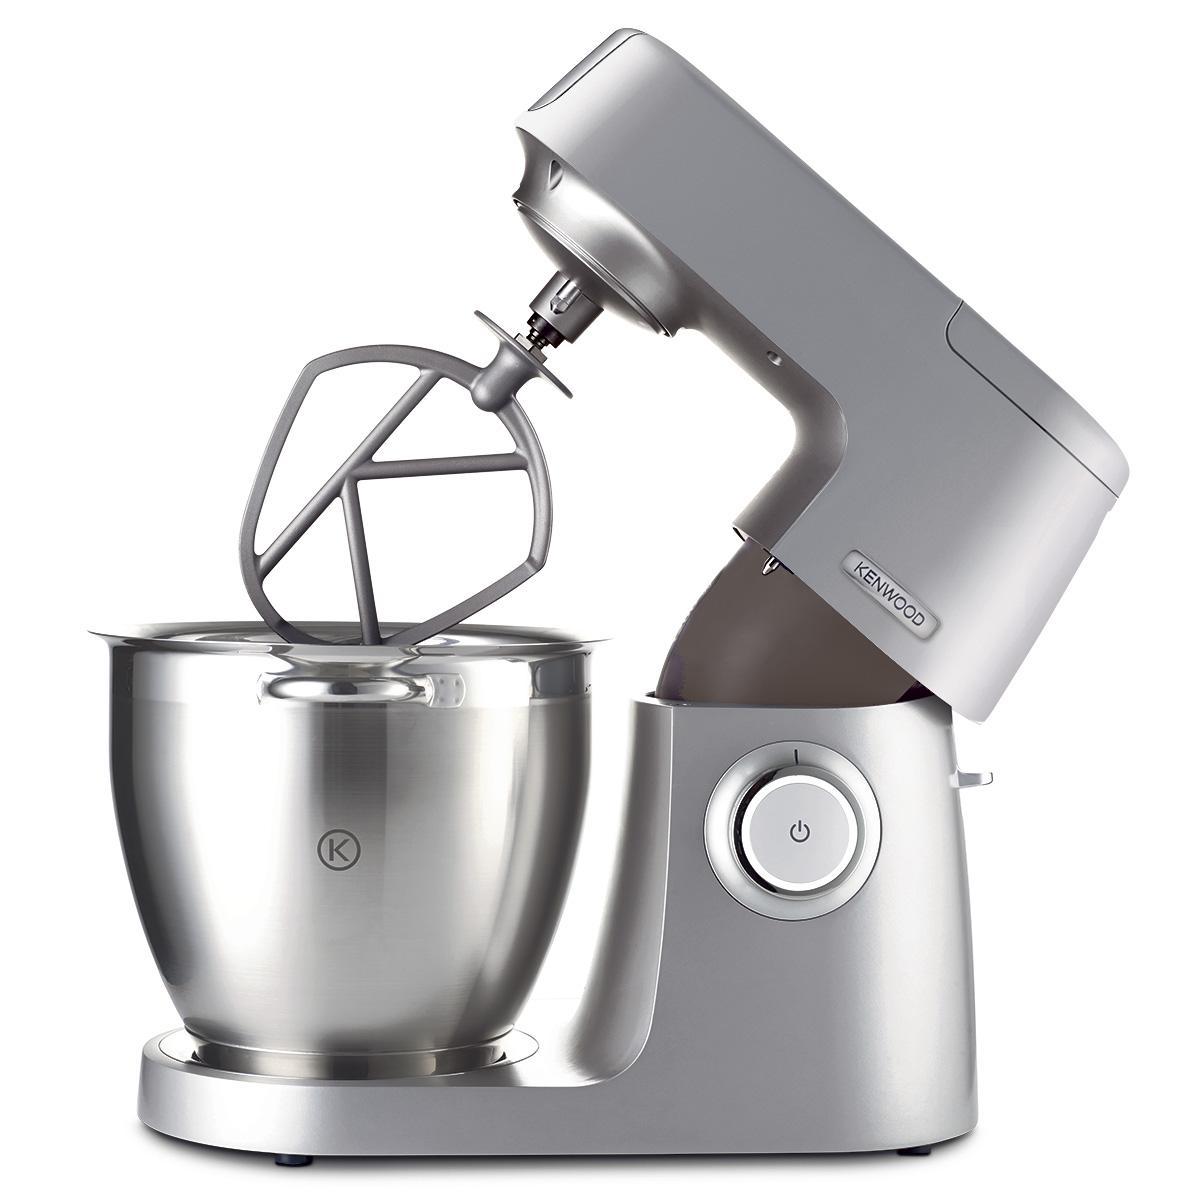 Billede af Kenwood køkkenmaskine - KVL6000S